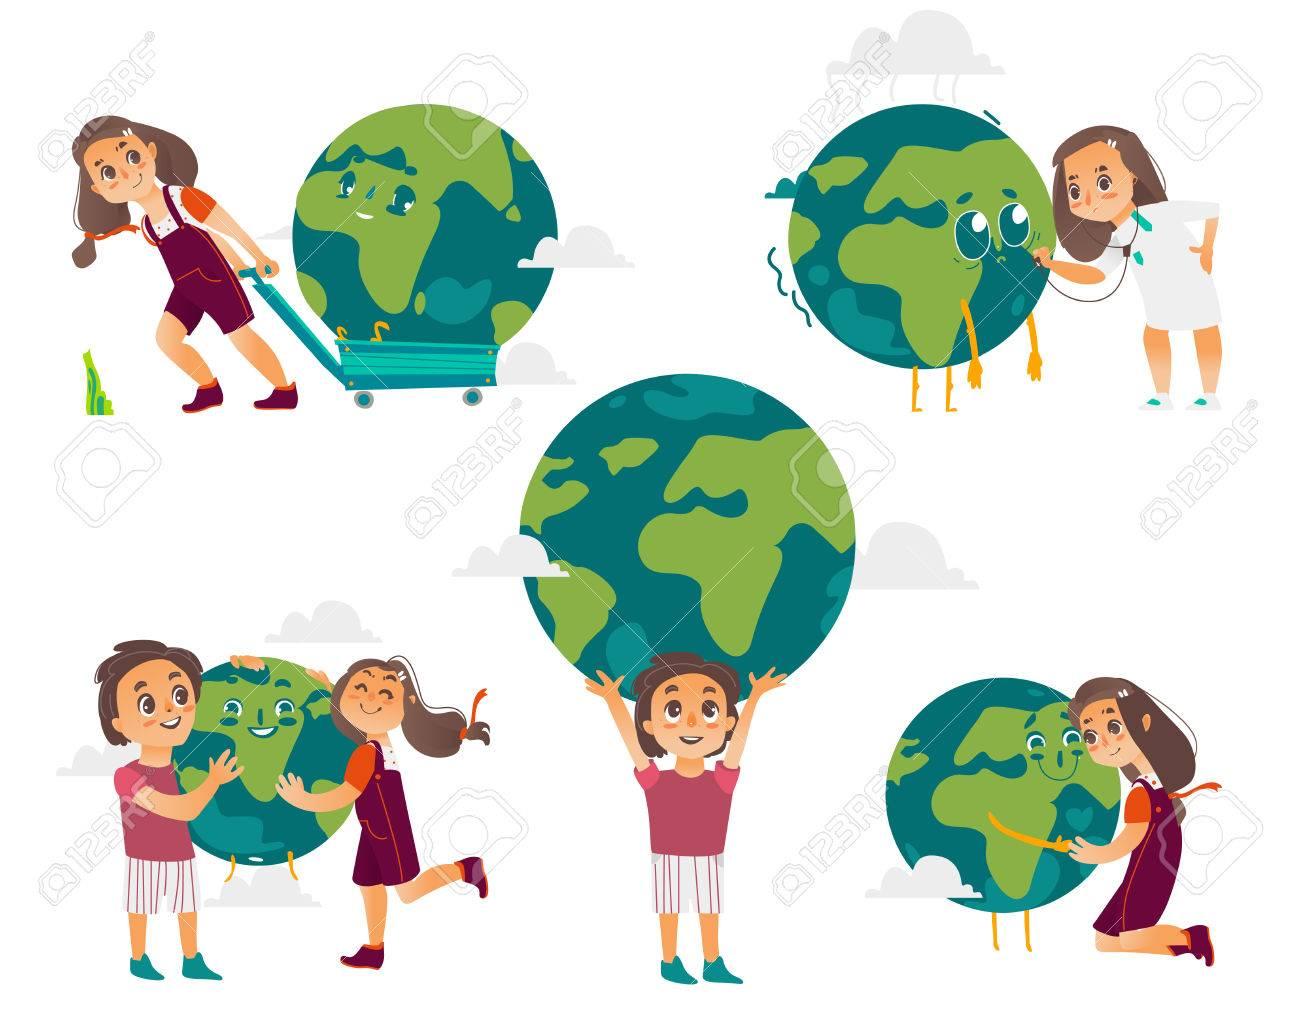 Enfants Garçons Et Filles étreindre Tenant Jouant Avec Le Globe Planète Terre Illustration De Vecteur De Dessin Animé Isolé Sur Fond Blanc Les